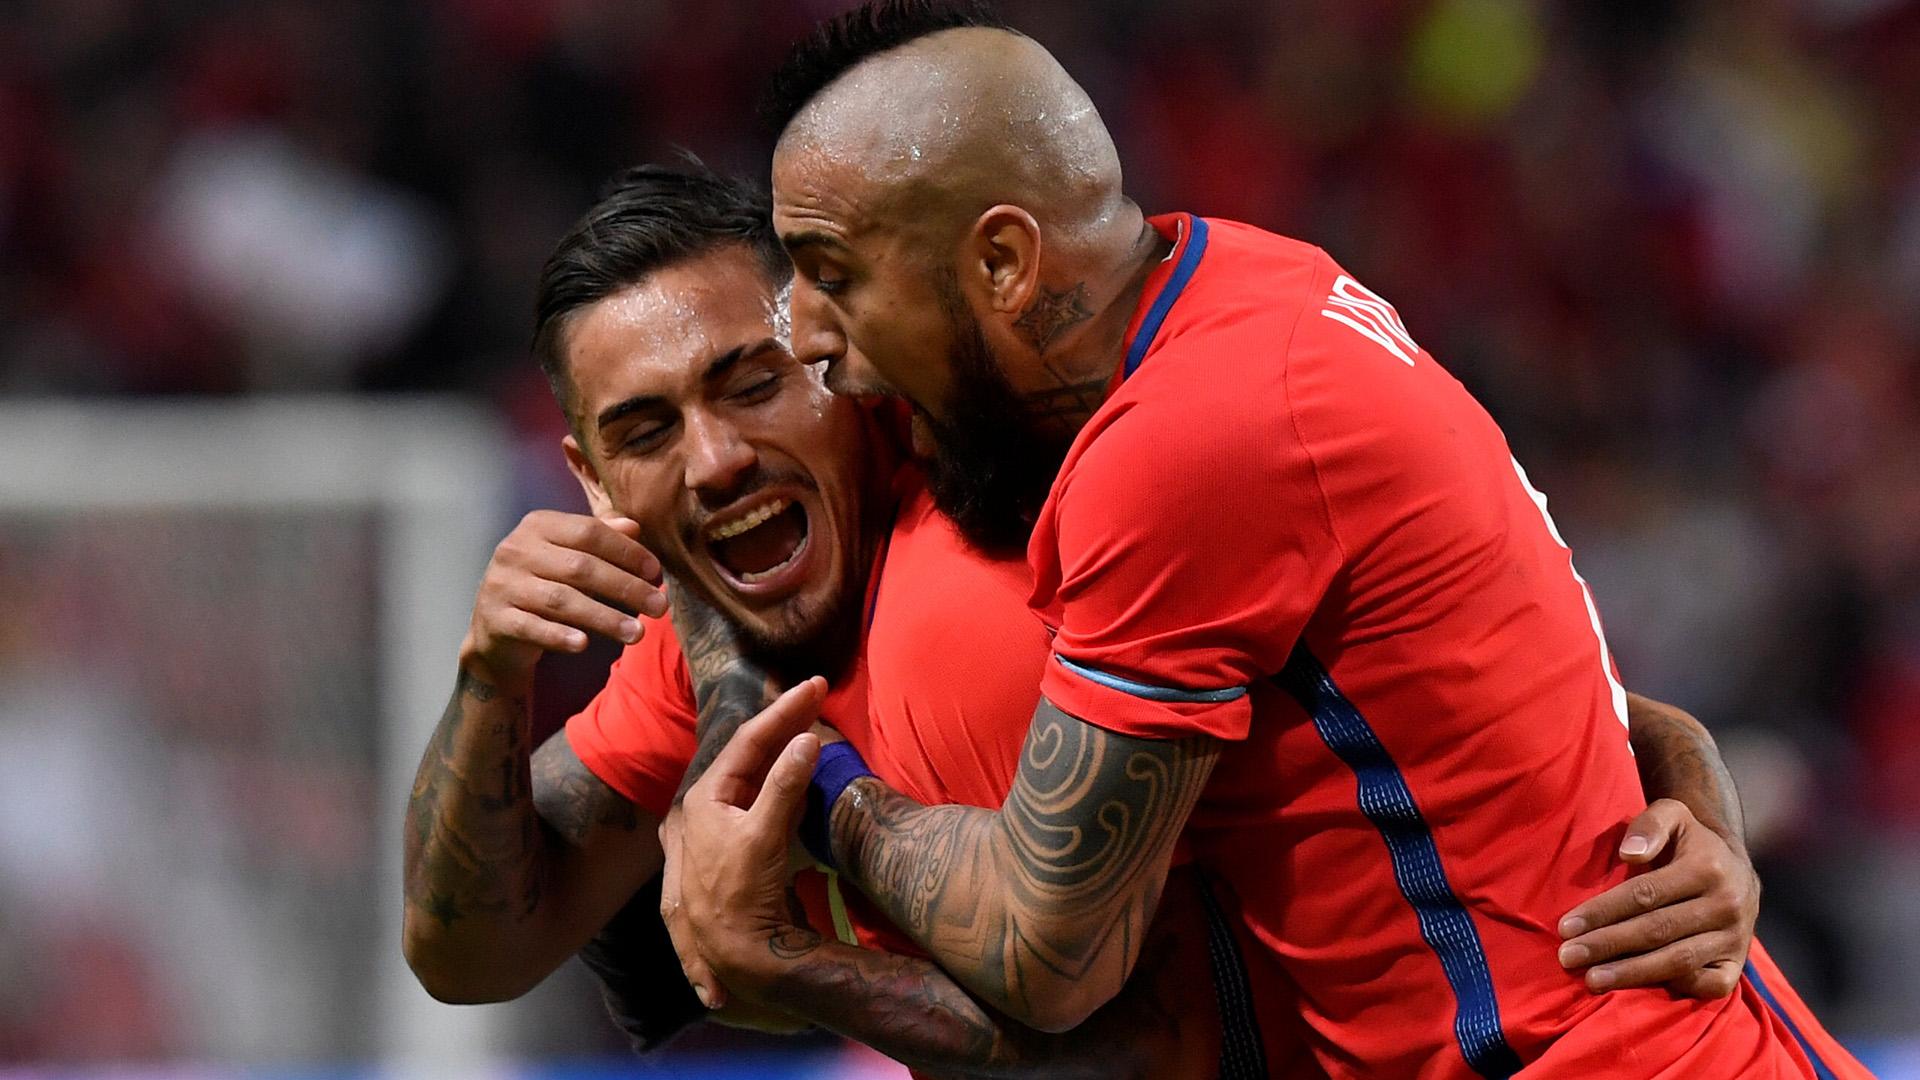 Arturo Vidal destaca luego del triunfo sobre Olympique de Lyon (5-1), que le permitió a Barcelona avanzar a cuartos de final de la Champions League (Foto: Reuters)